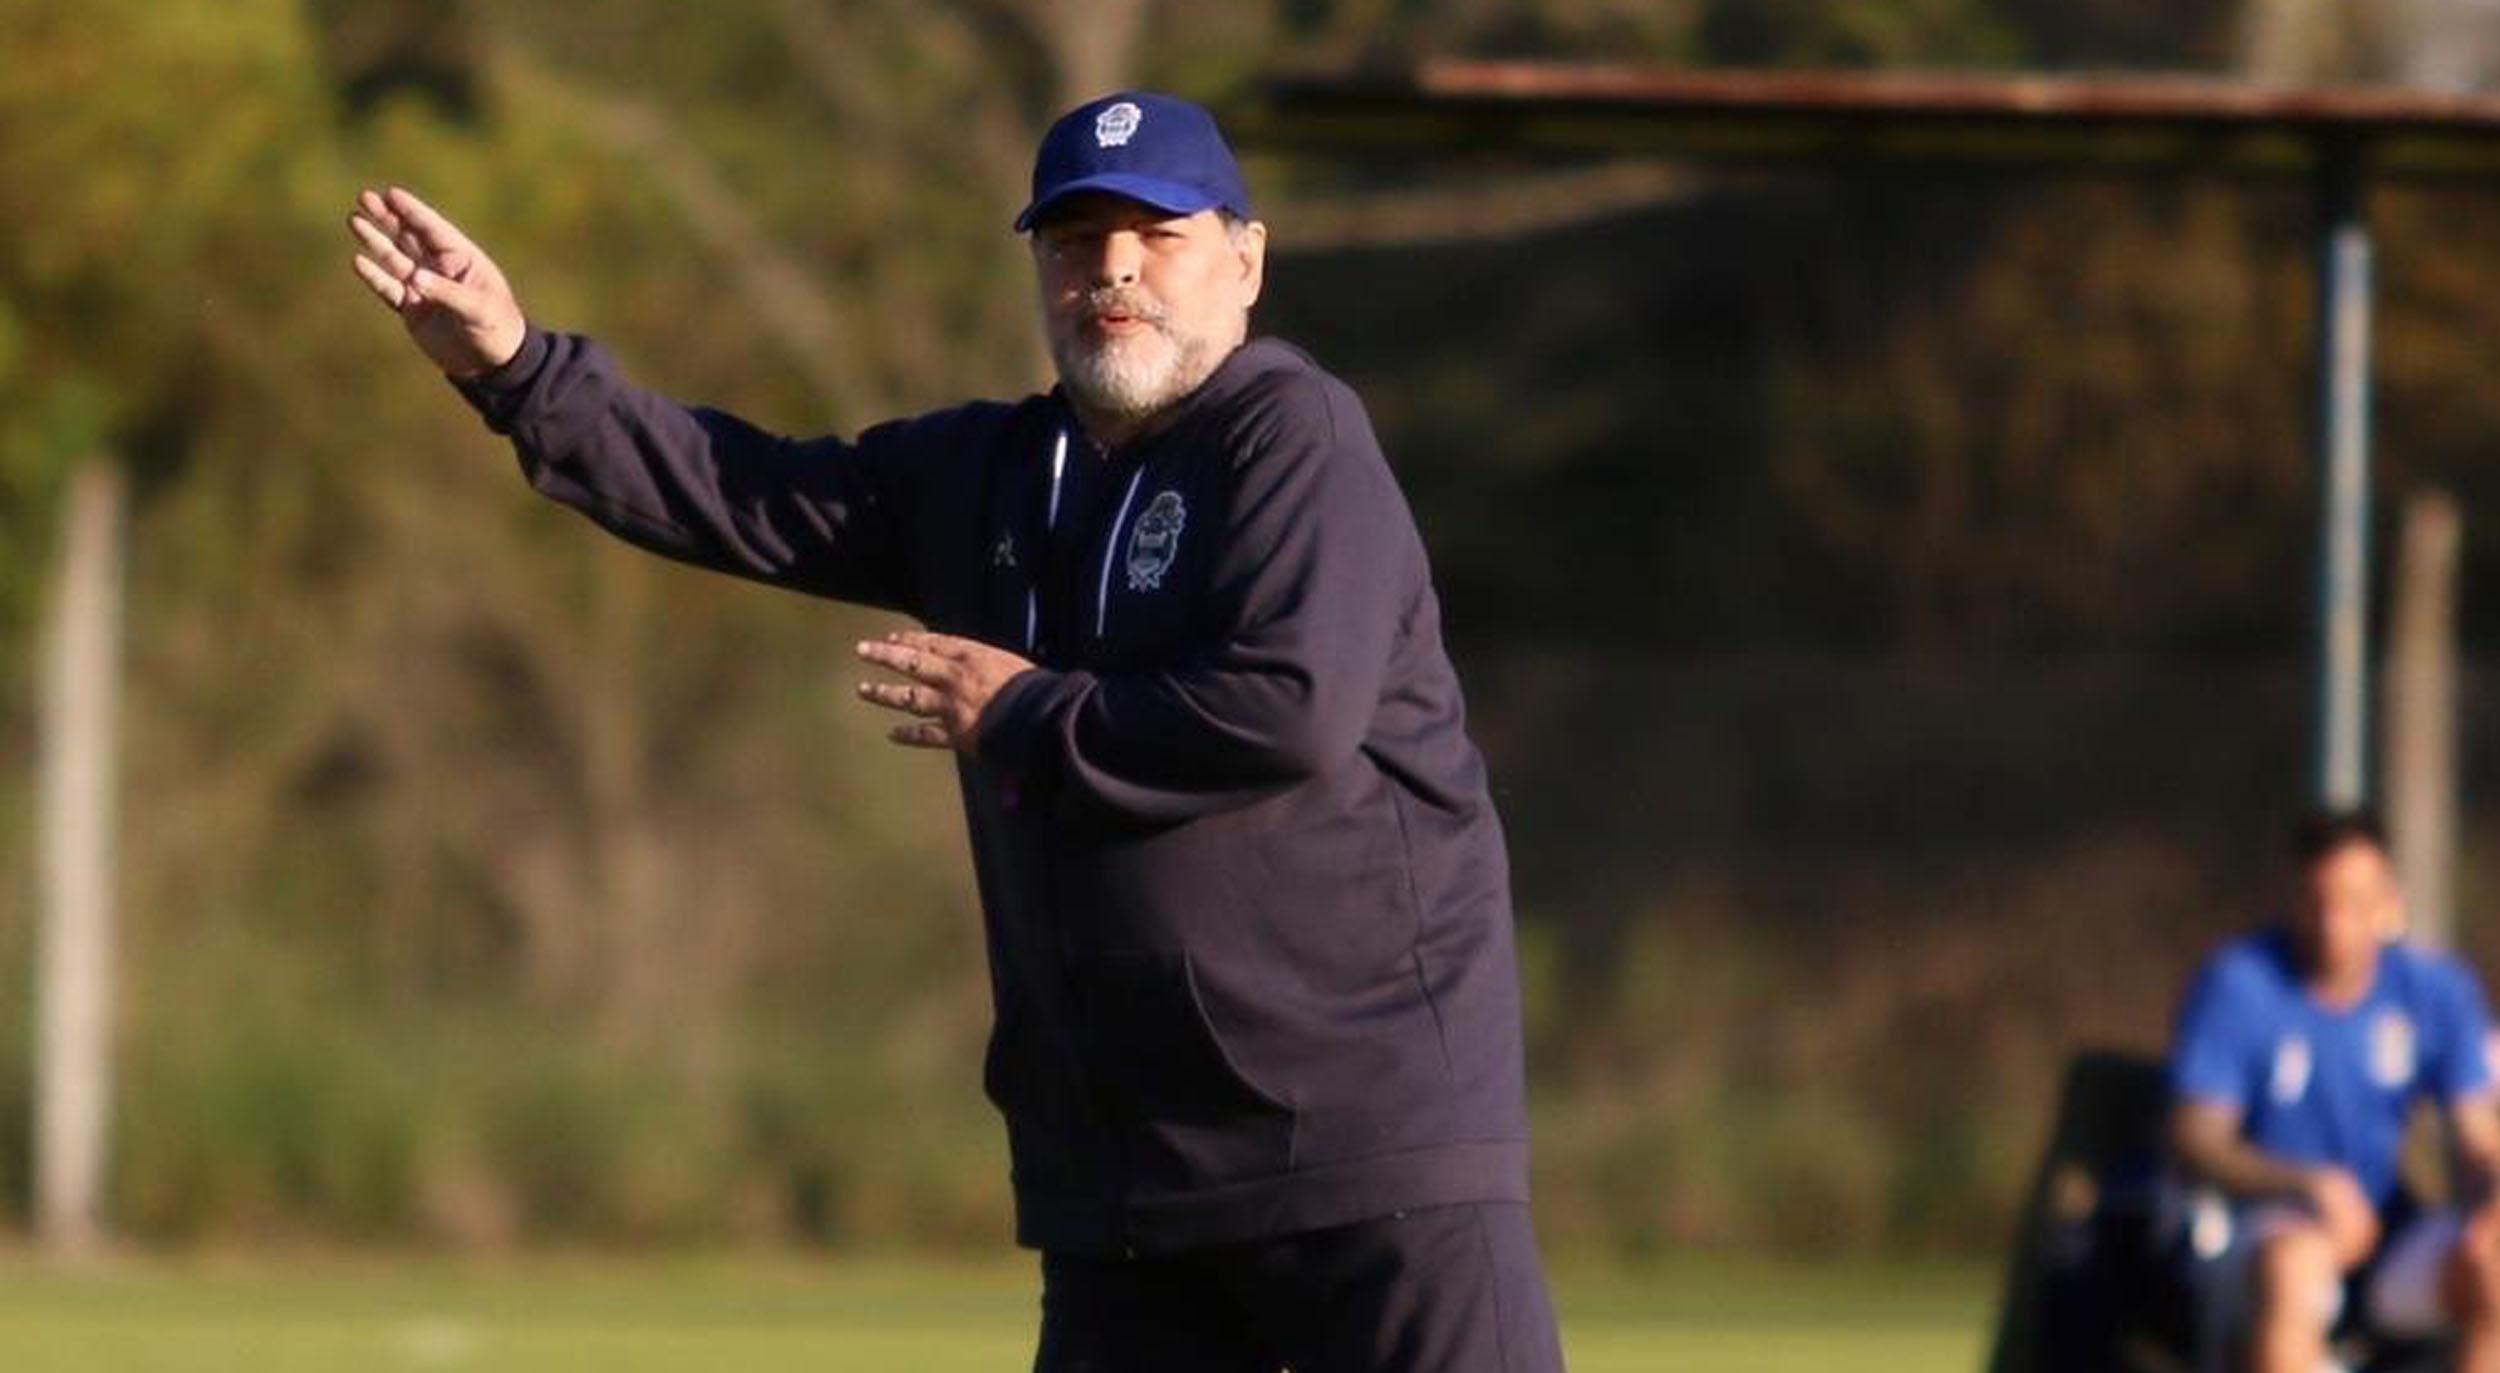 Una buena para Maradona: River pondrá un equipo plagado de suplentes contra Gimnasia